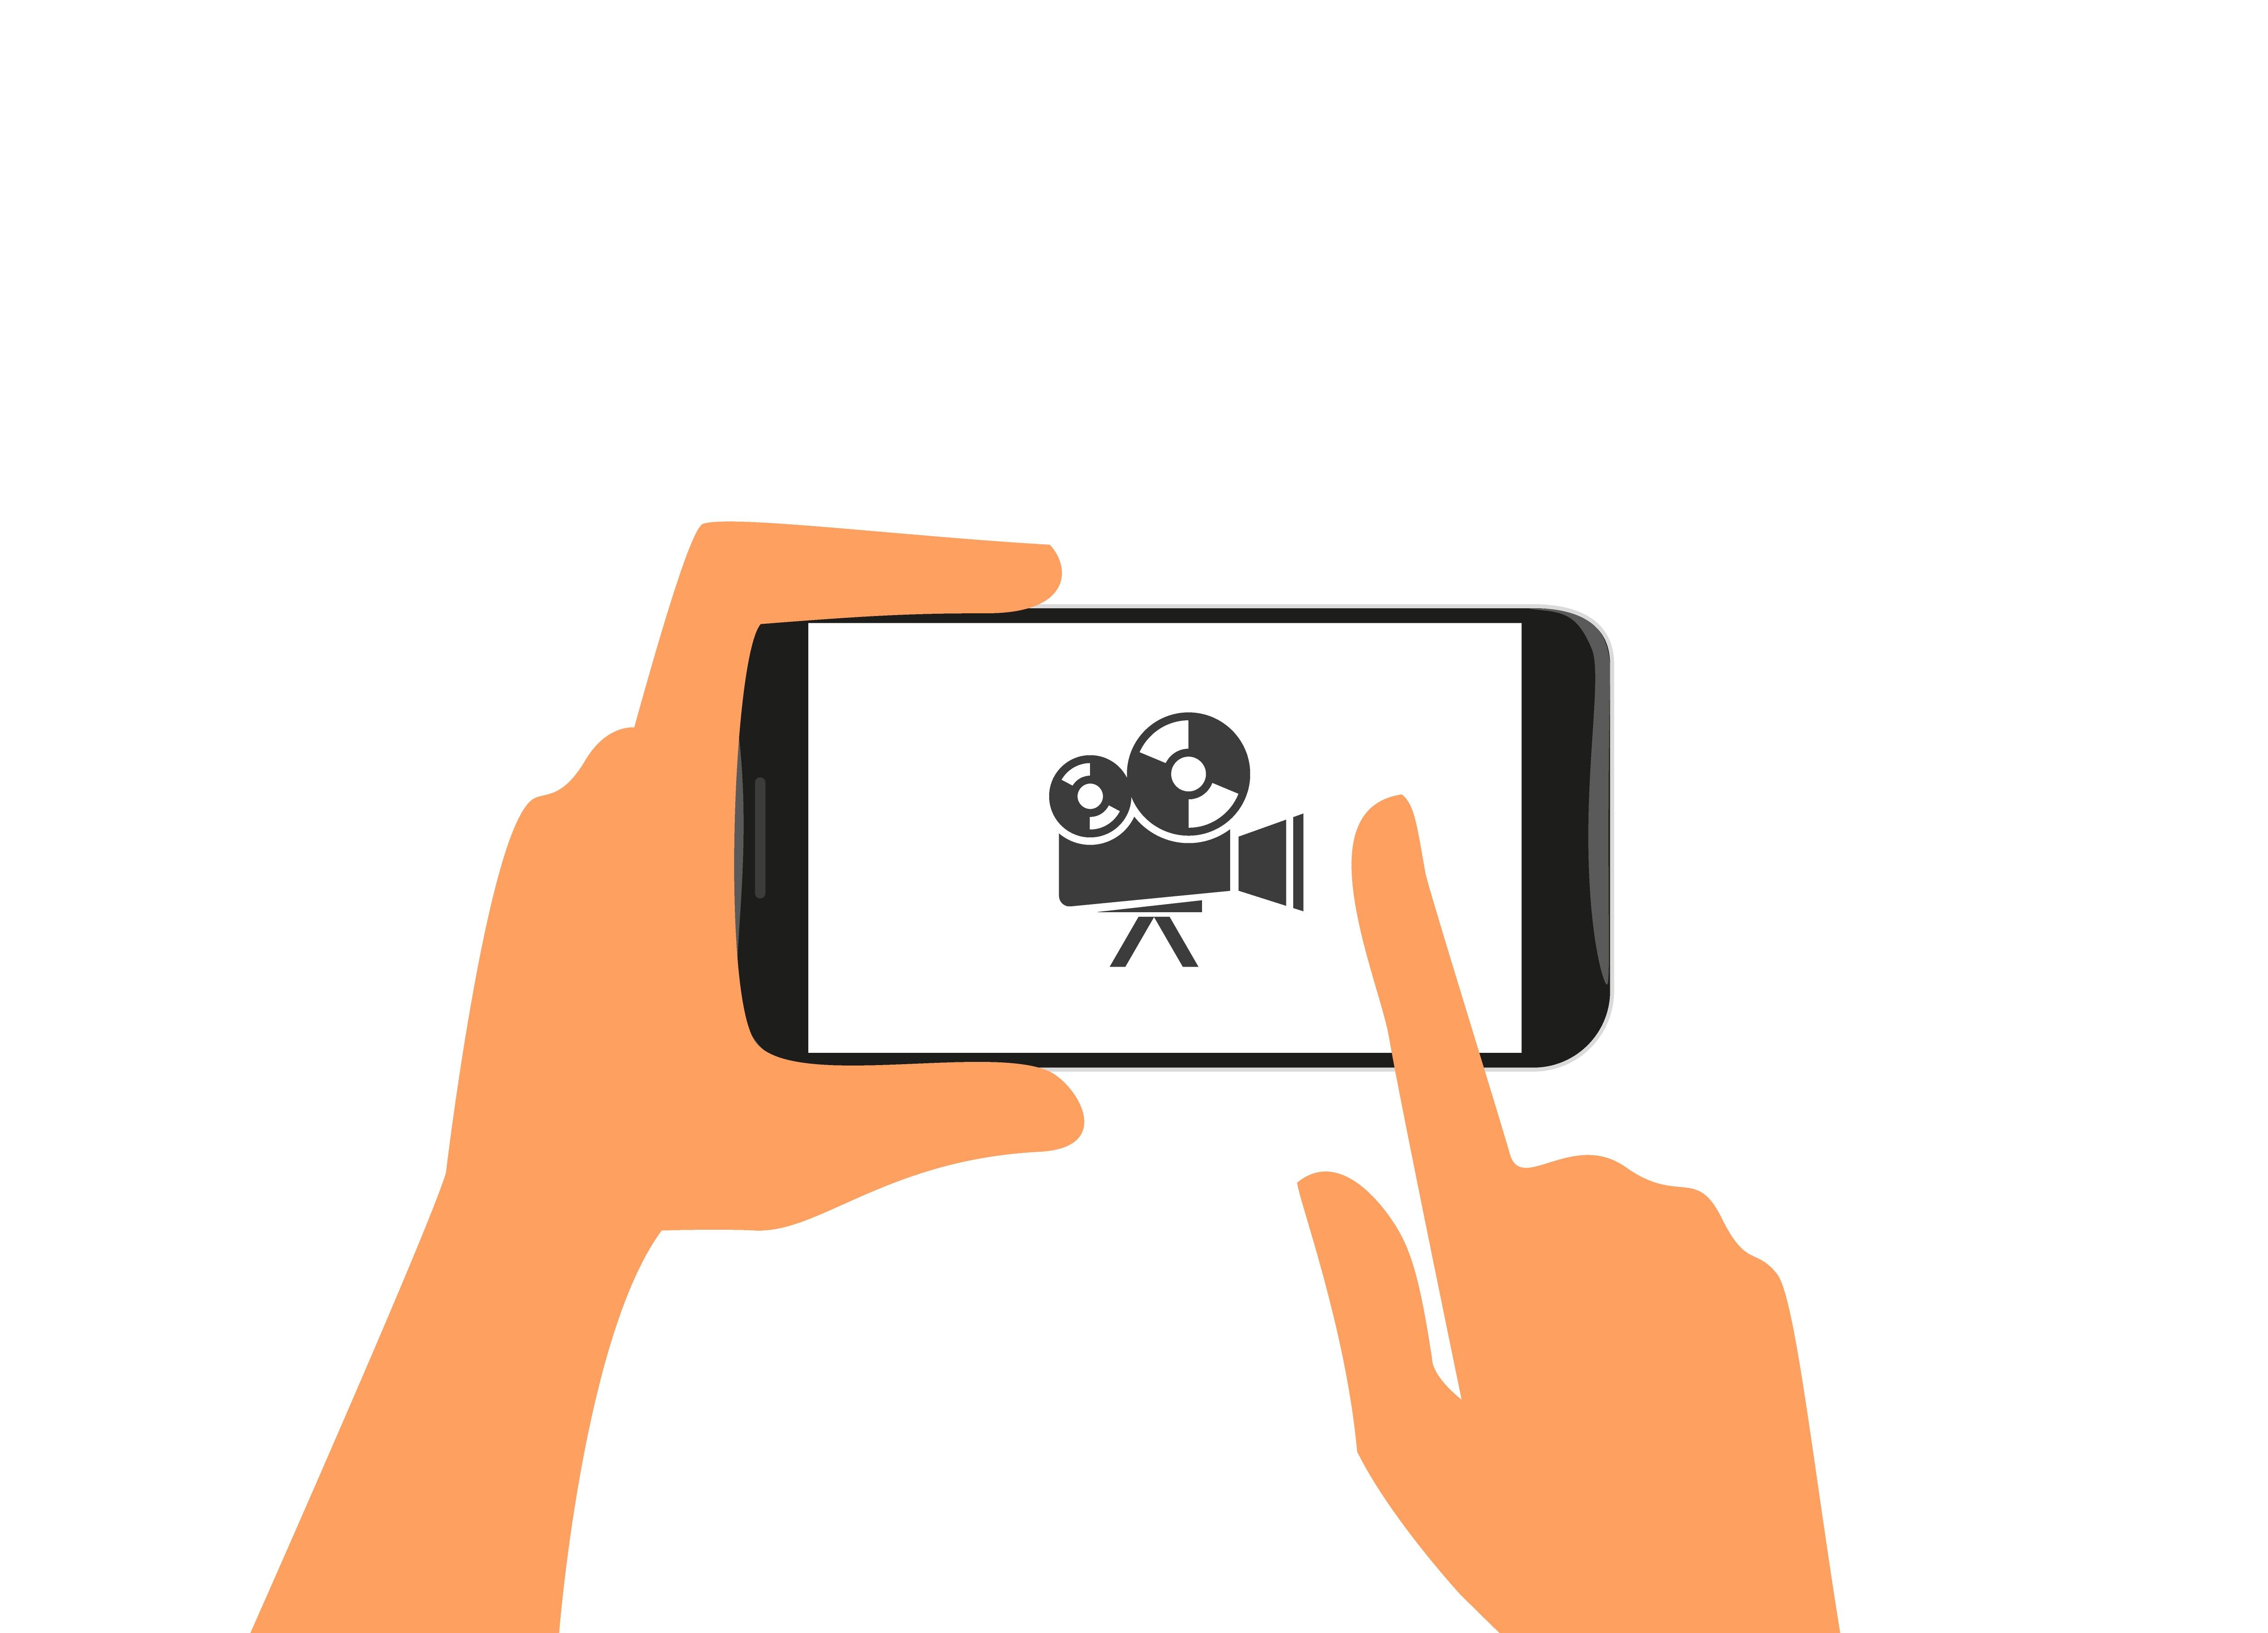 posicionamiento en buscadores Posicionamiento en buscadores: mejora tu videomarketing [+Vídeo]